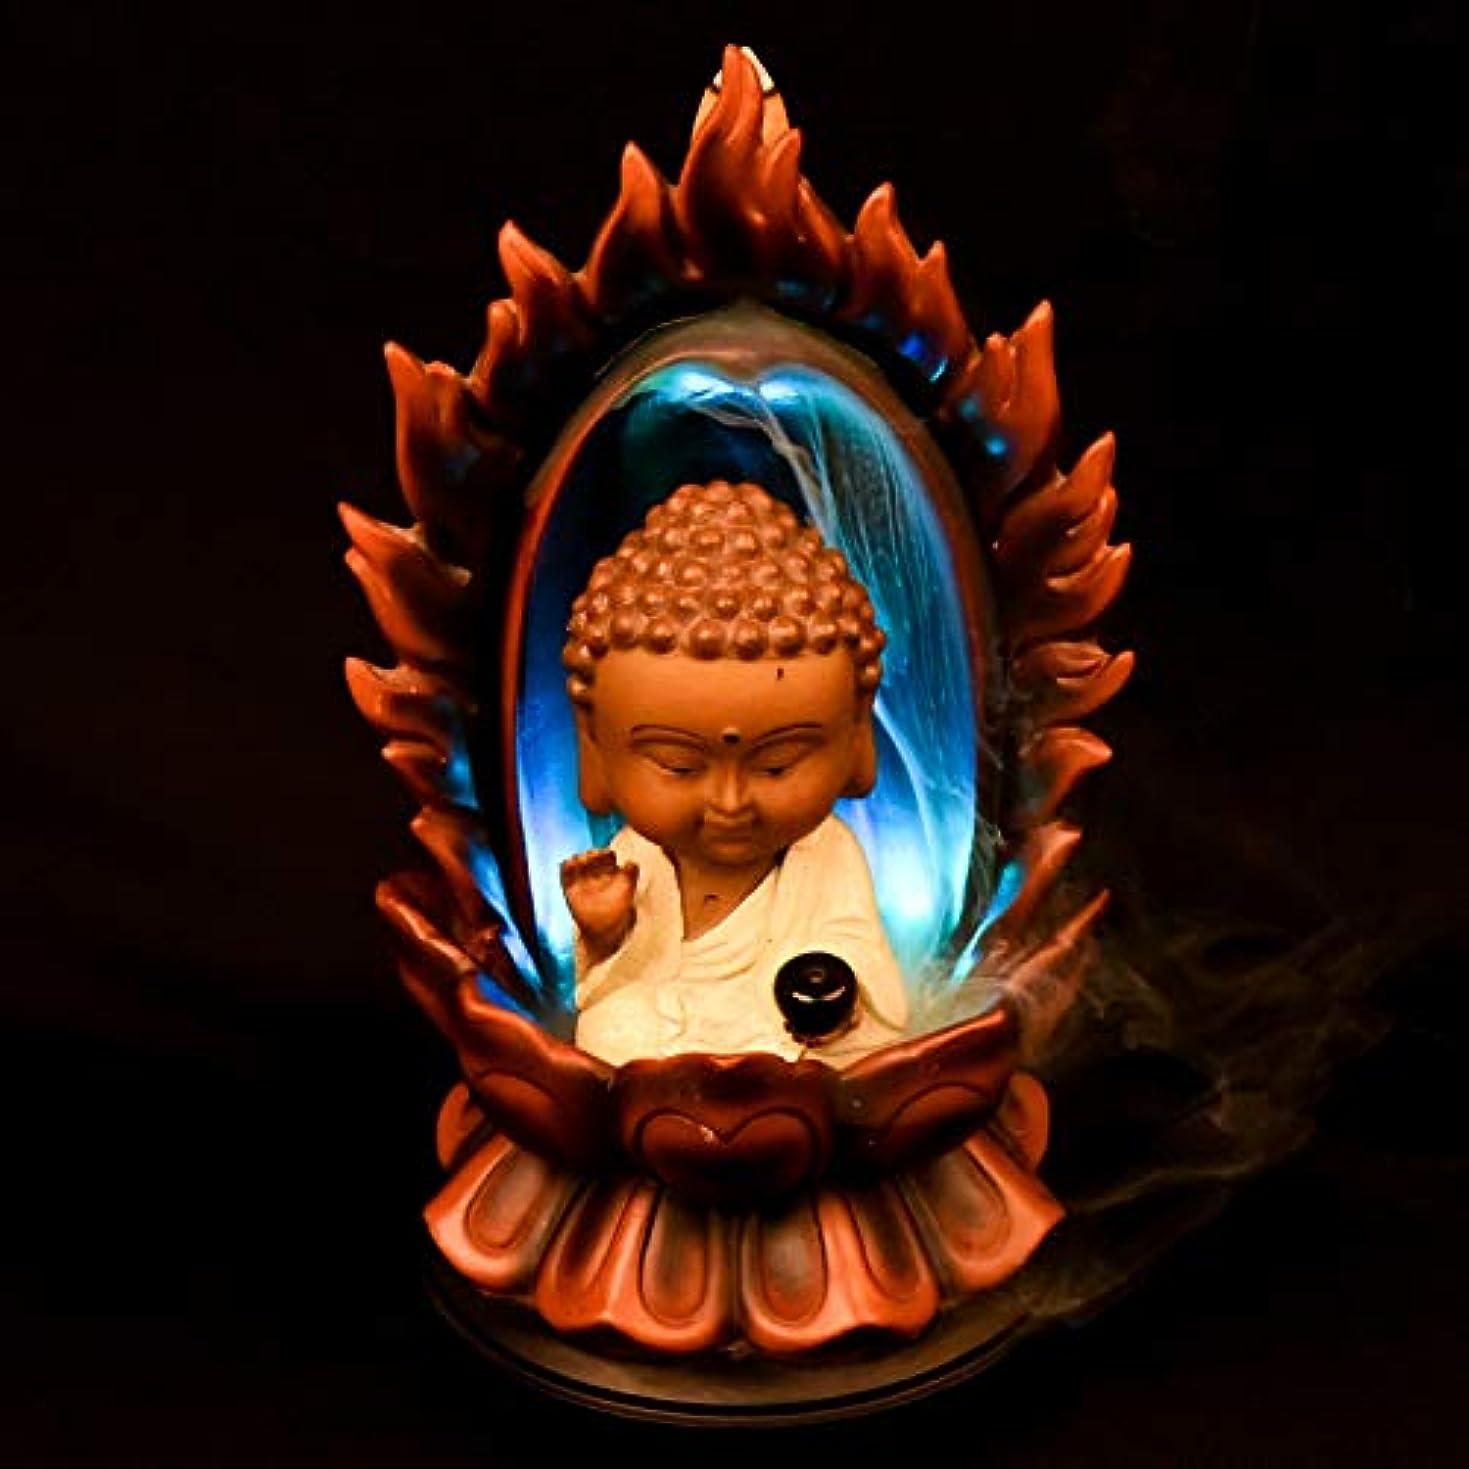 閃光小麦歯痛PHILOGOD 樹脂逆流香 パーソナリティスタイリング仏壇用香炉/香立て お香 ホルダー ホームデコレーション